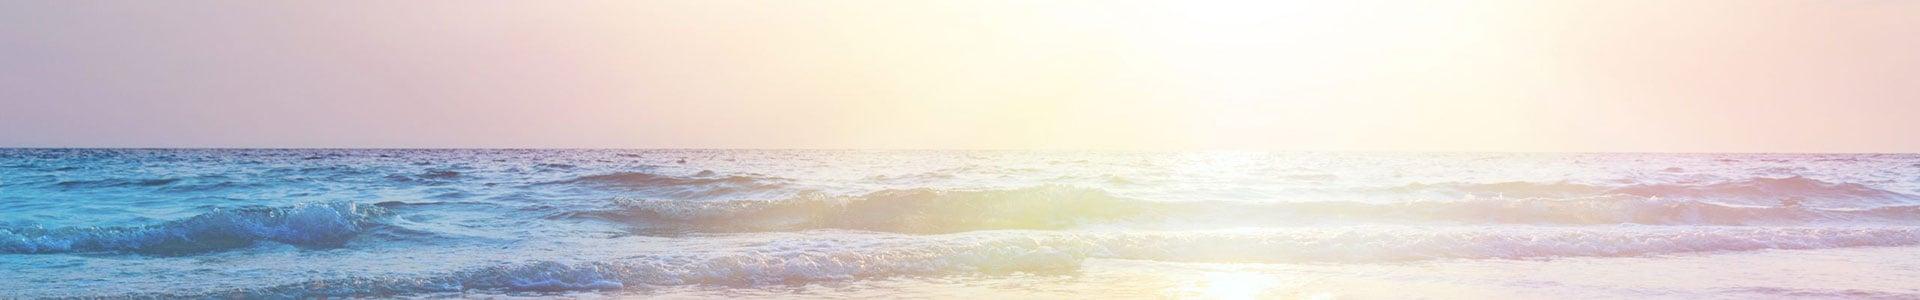 sunrise at sea on beach